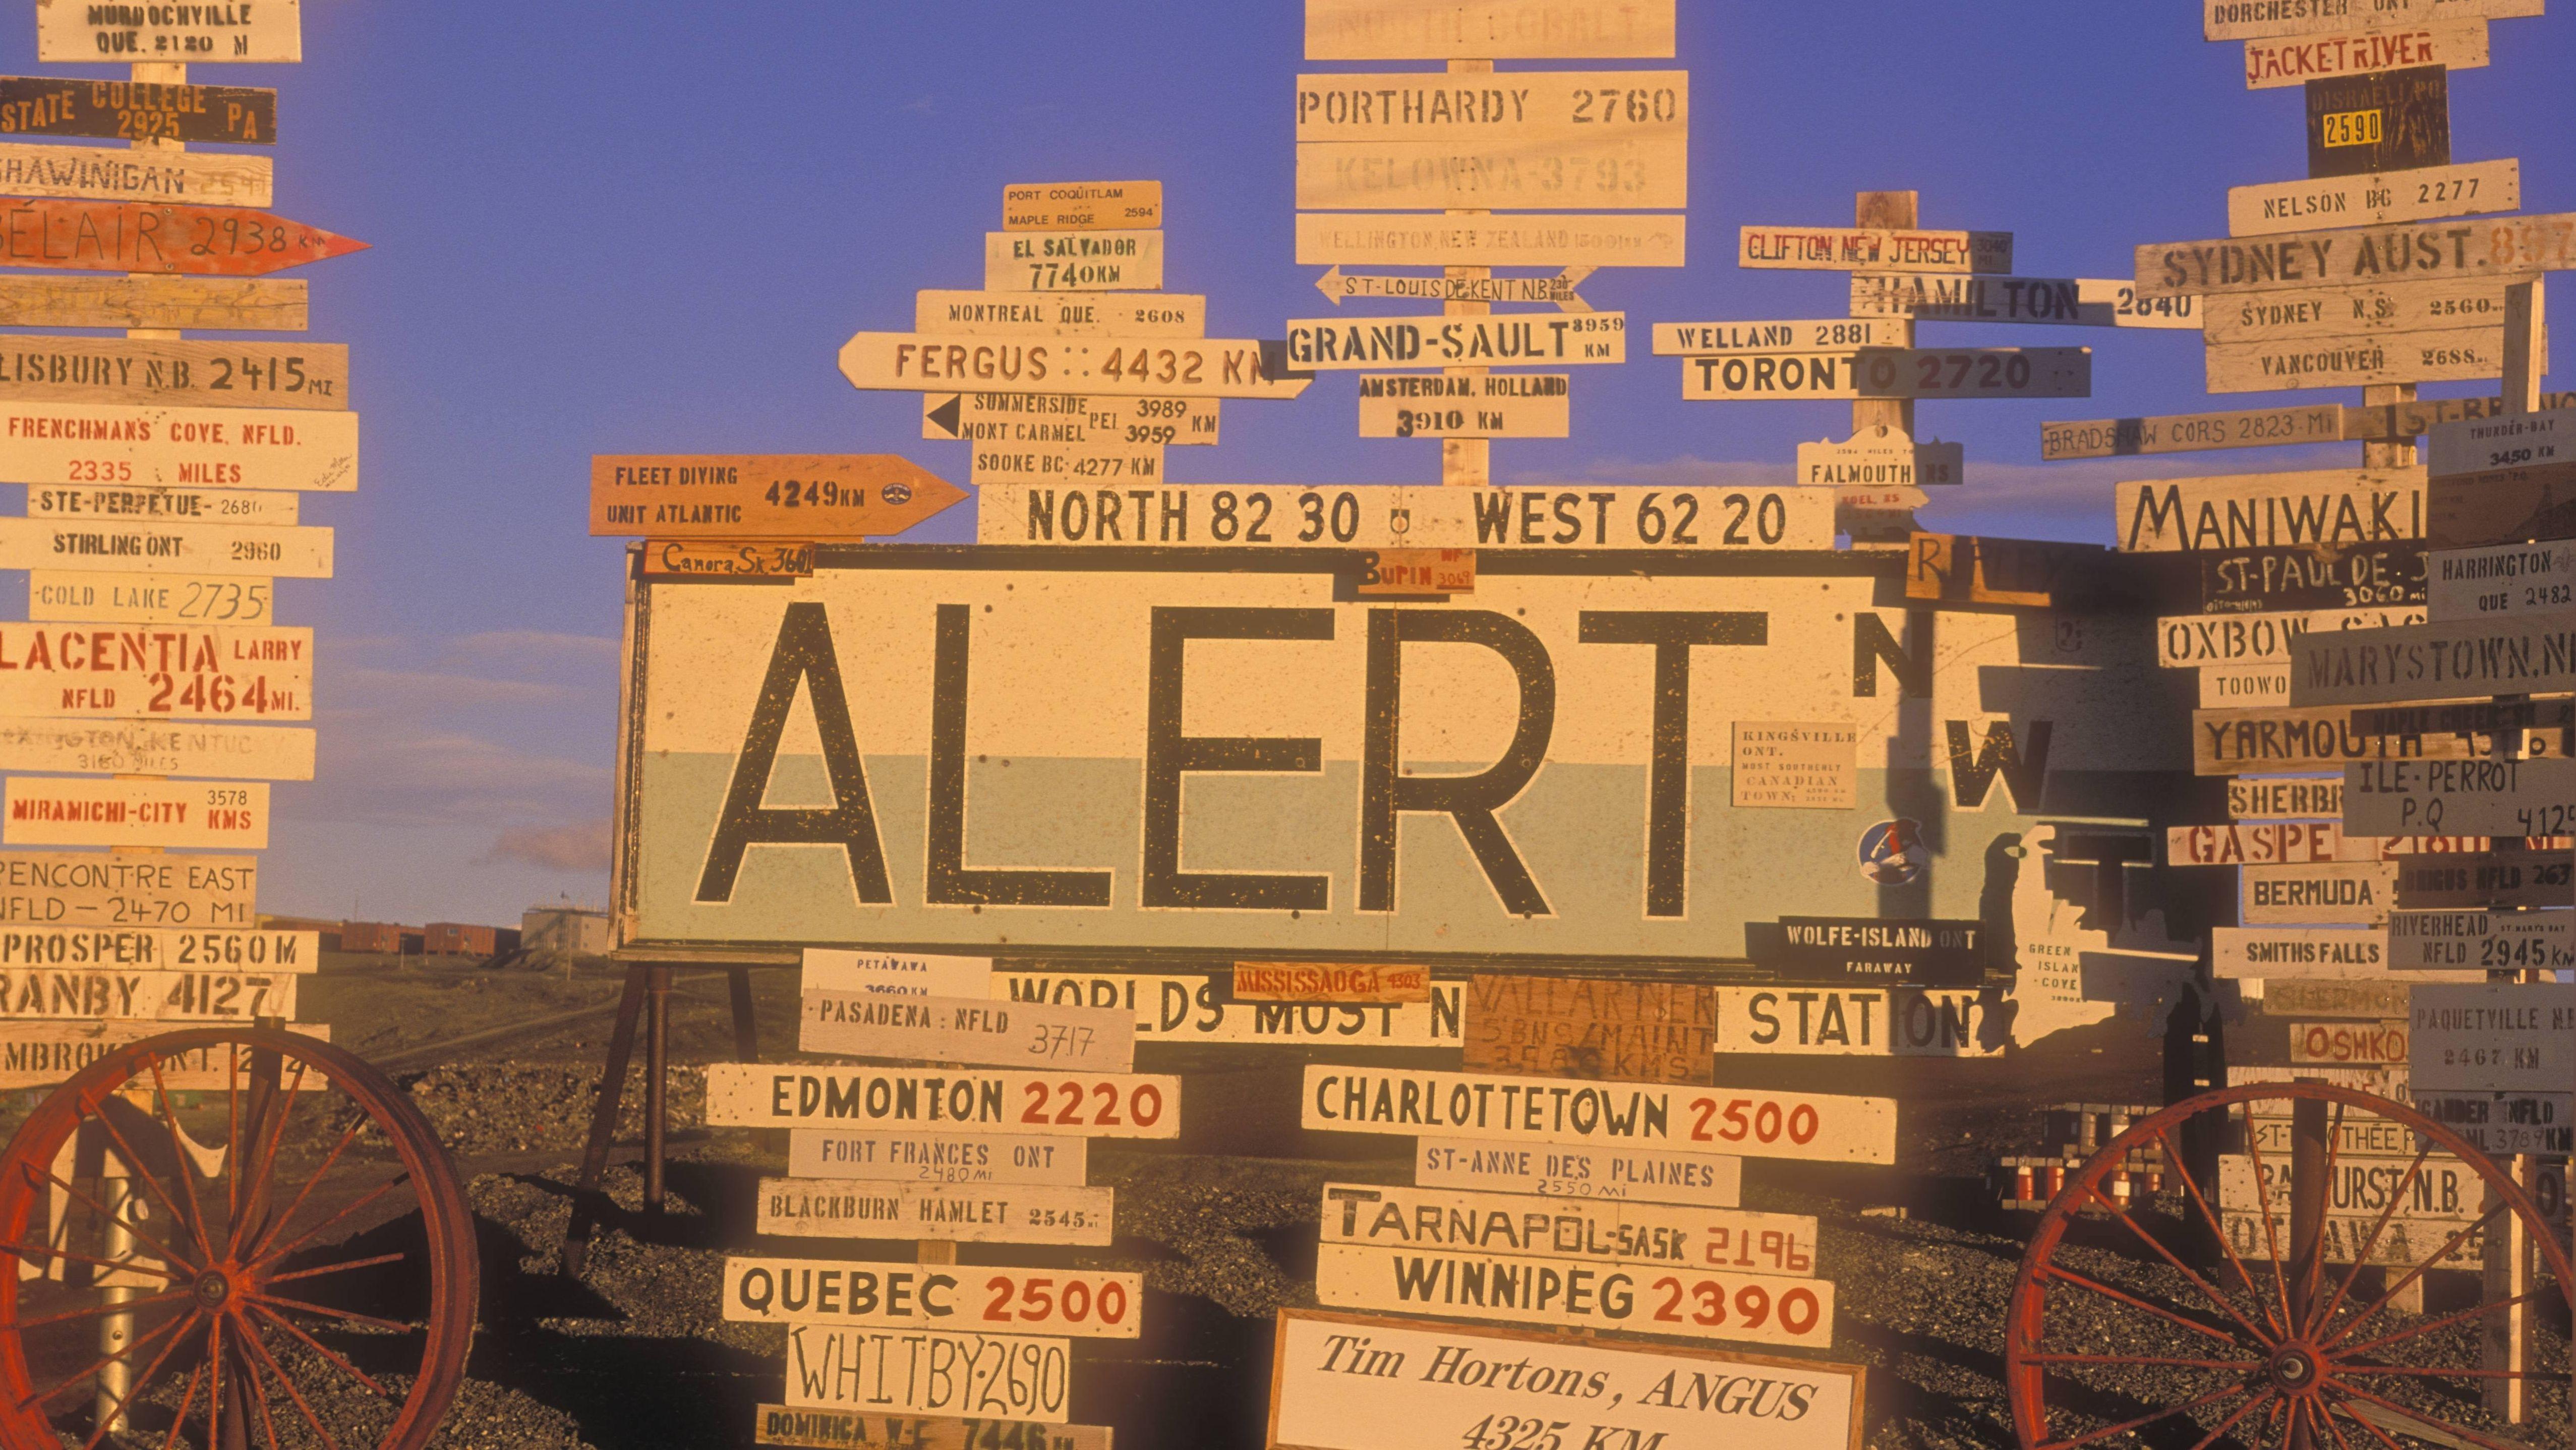 Wegweiser an der kanadischen Militärbasis CFS Alert auf der Ellesmere Insel in Nunavut, Canada